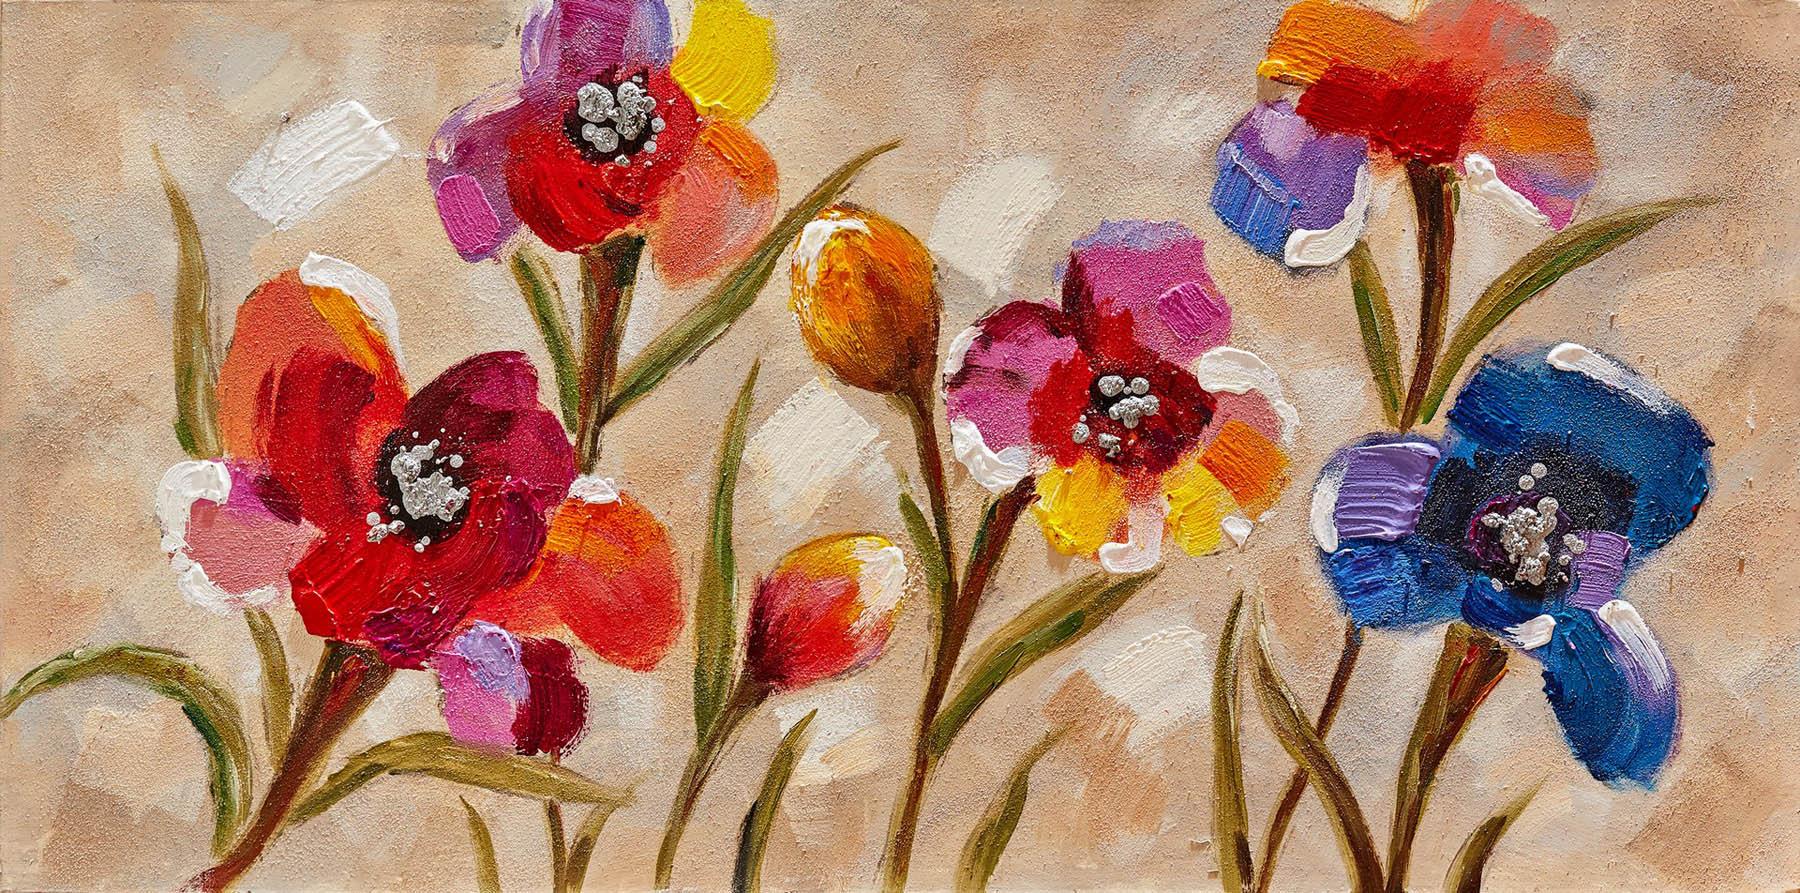 Dipinto art z361 60x120 dipinti a mano arte e immagini for Quadri bubola e naibo